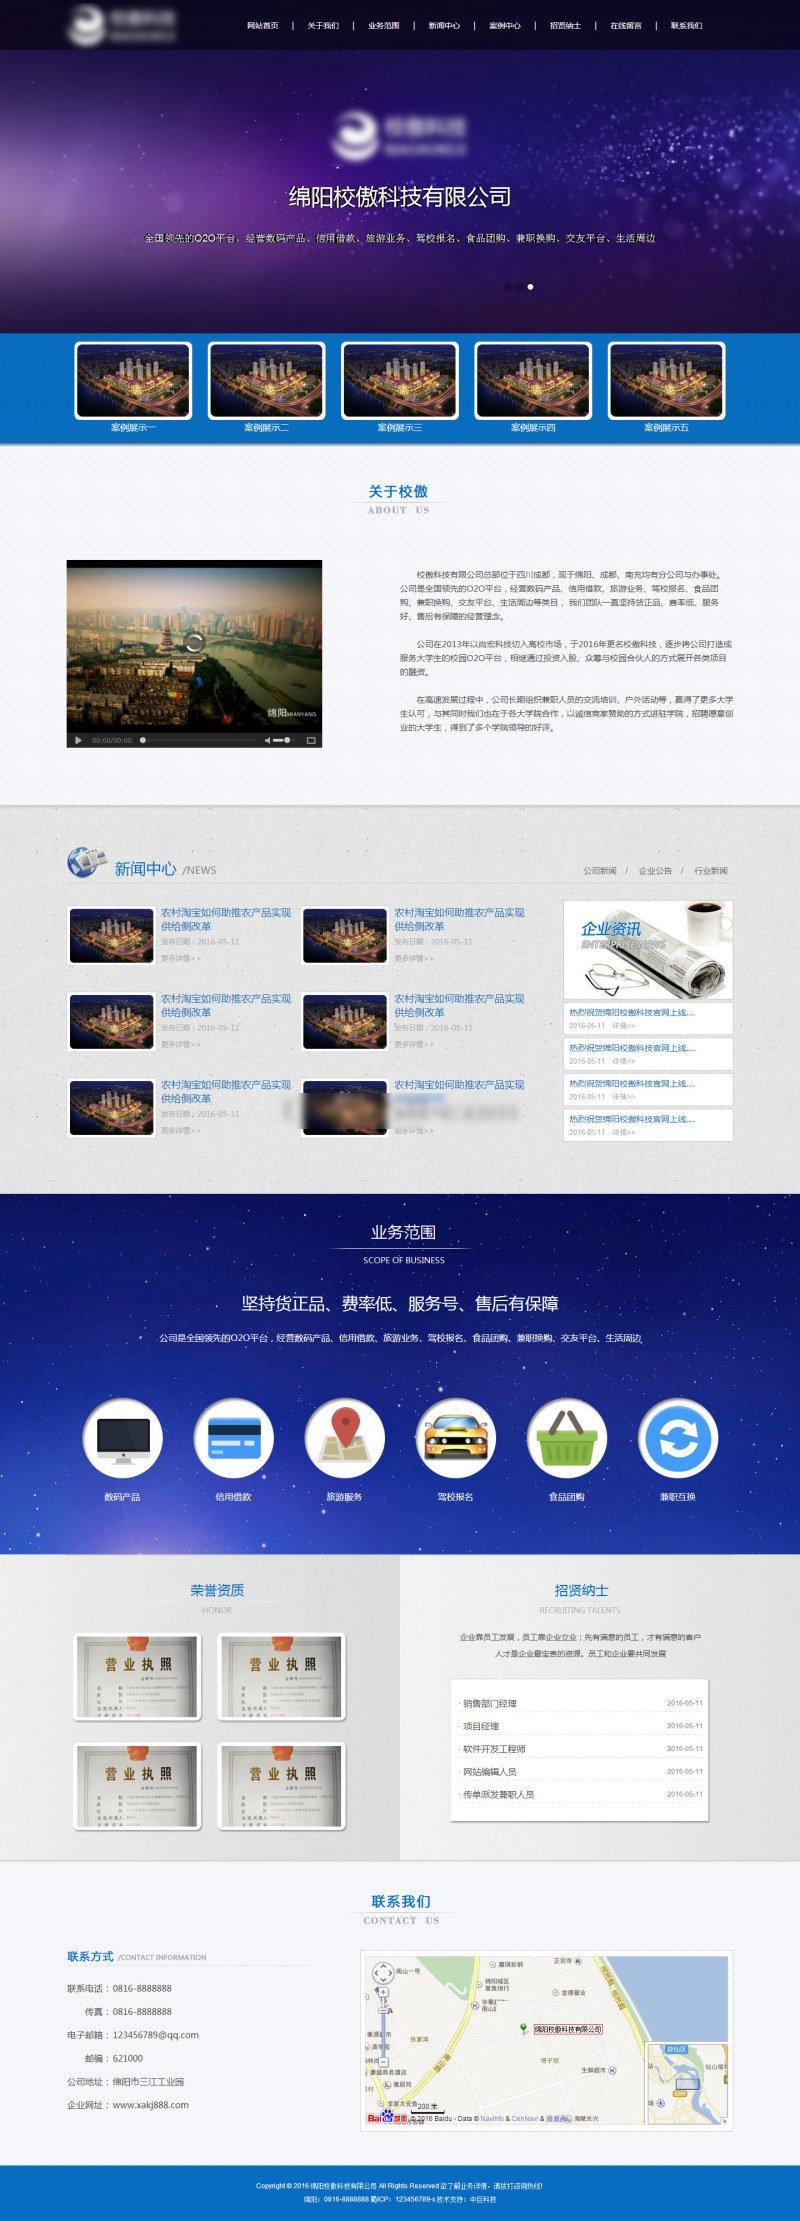 大气网络科技公司通用html网站模板